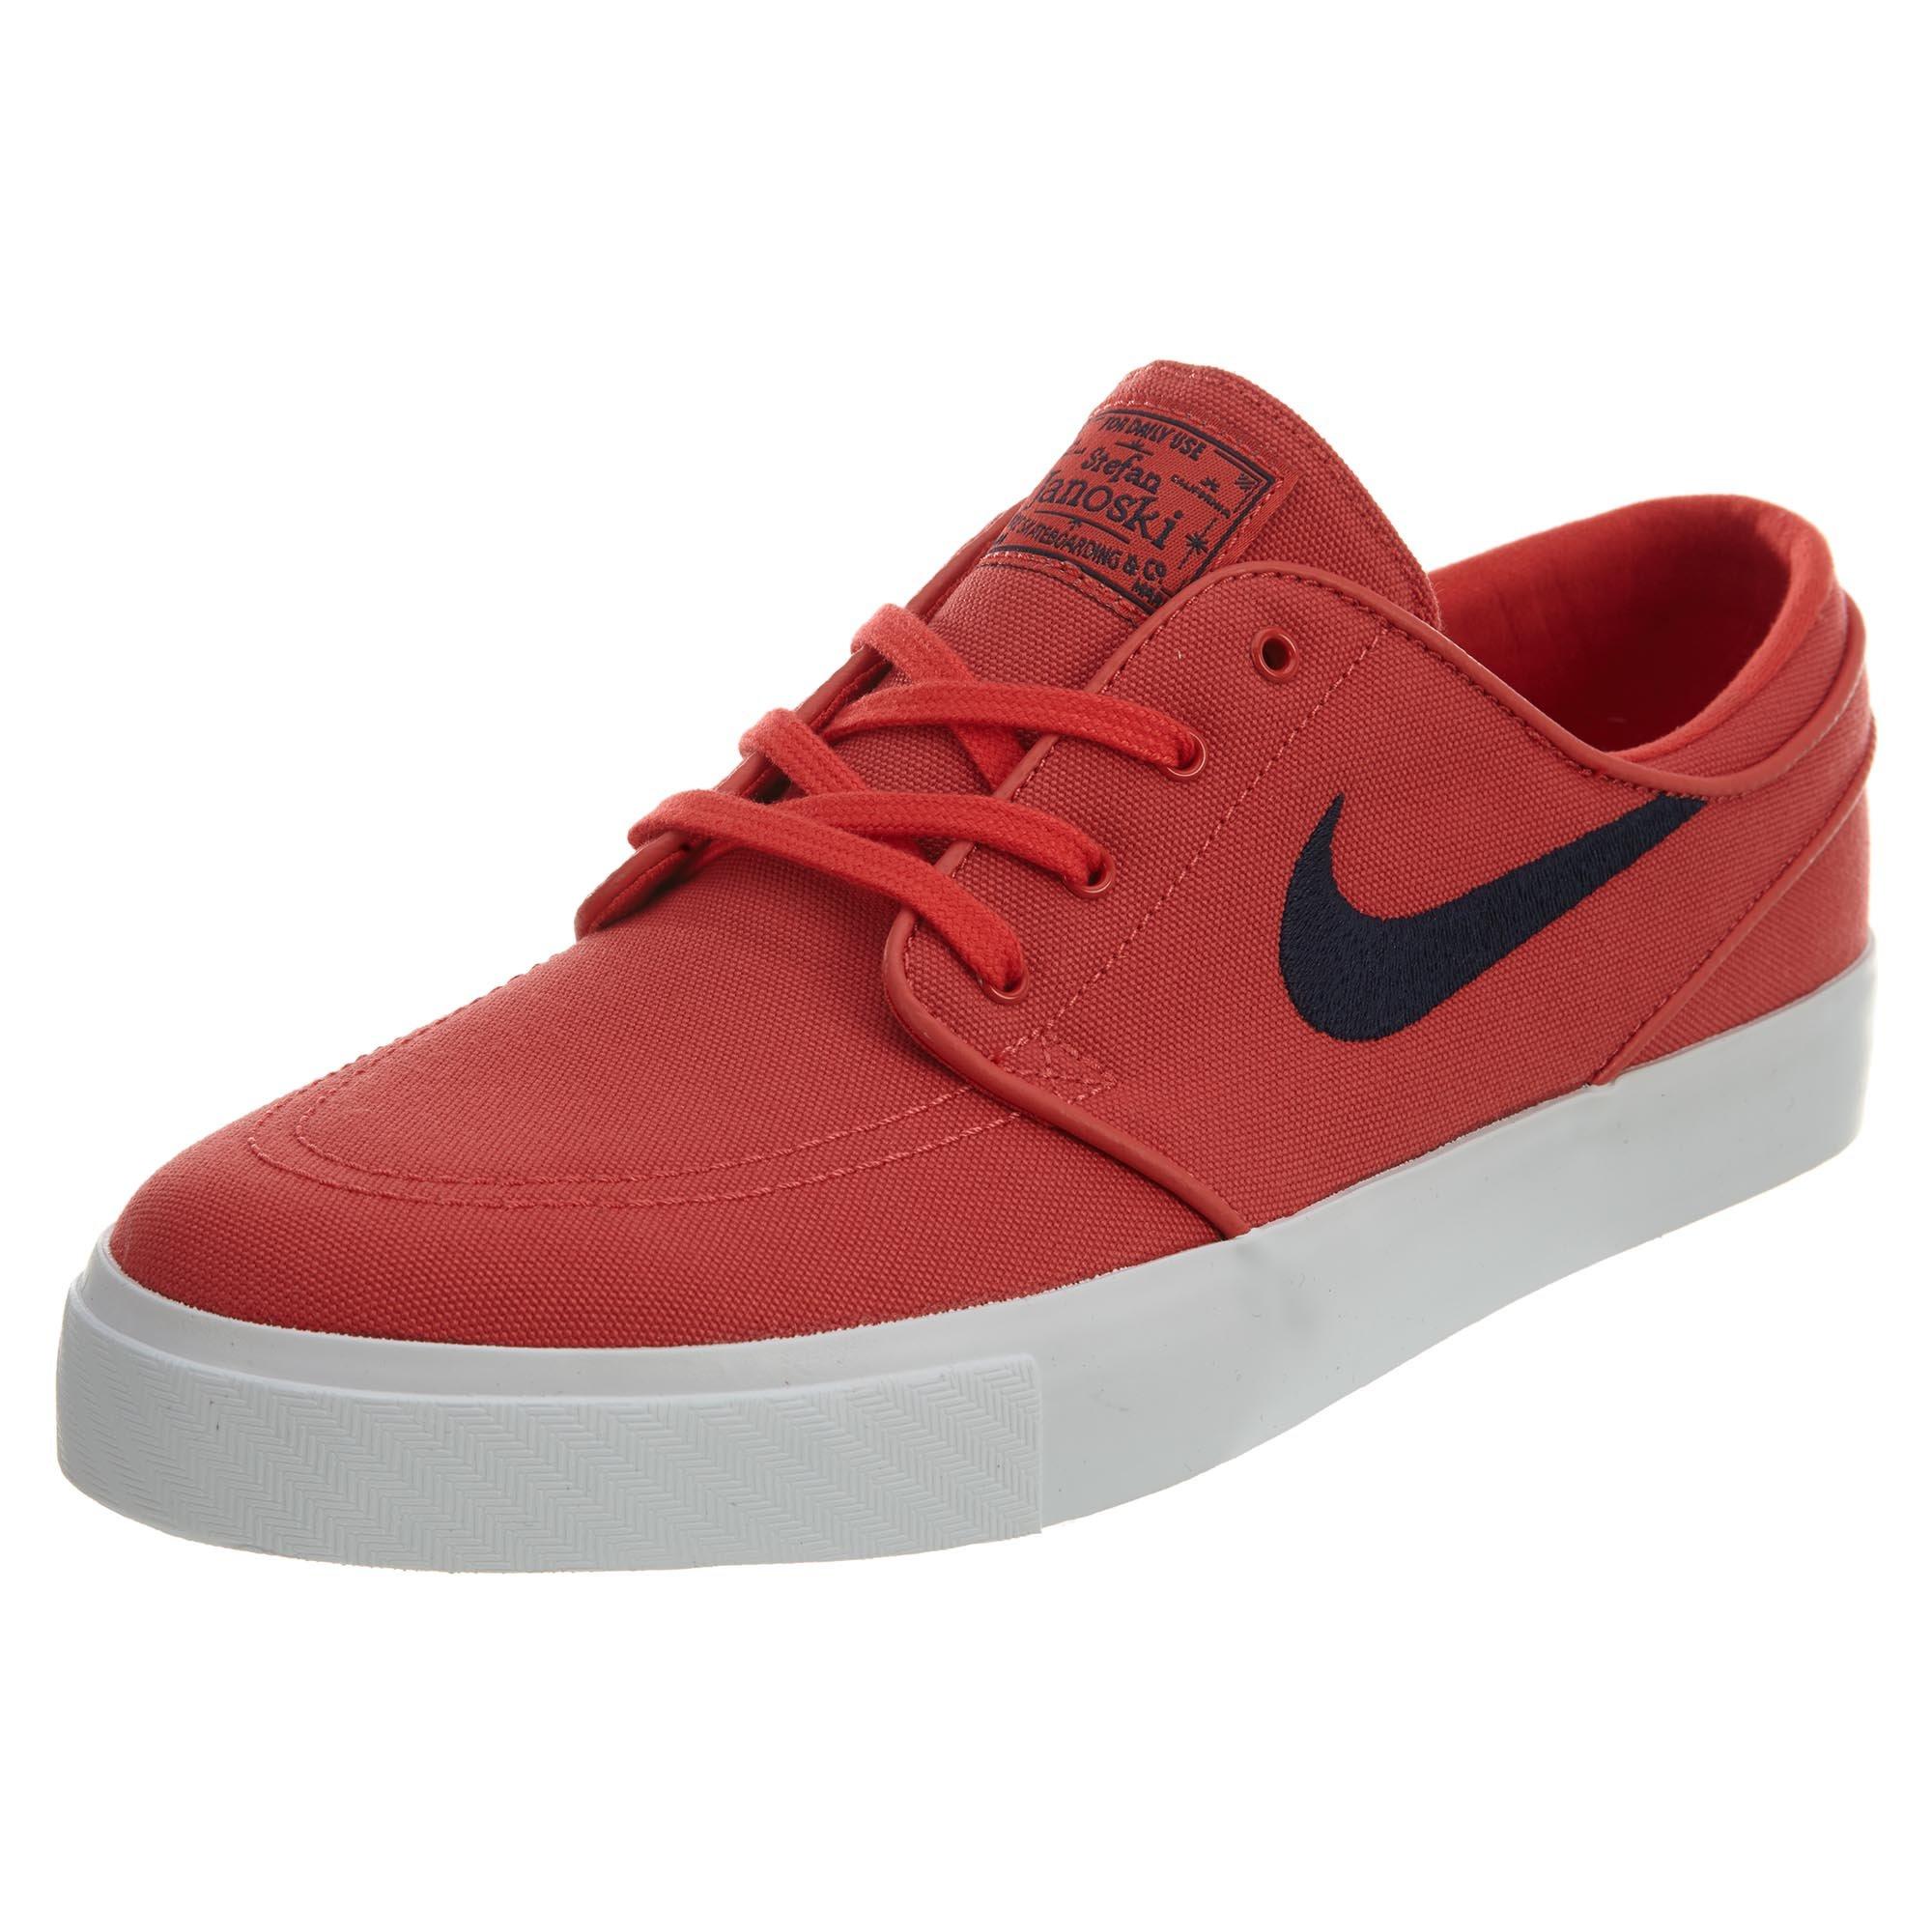 Nike Zoom Stefan Janoski Cnvs Mens Style: 615957 642 Size: 11.5 M US